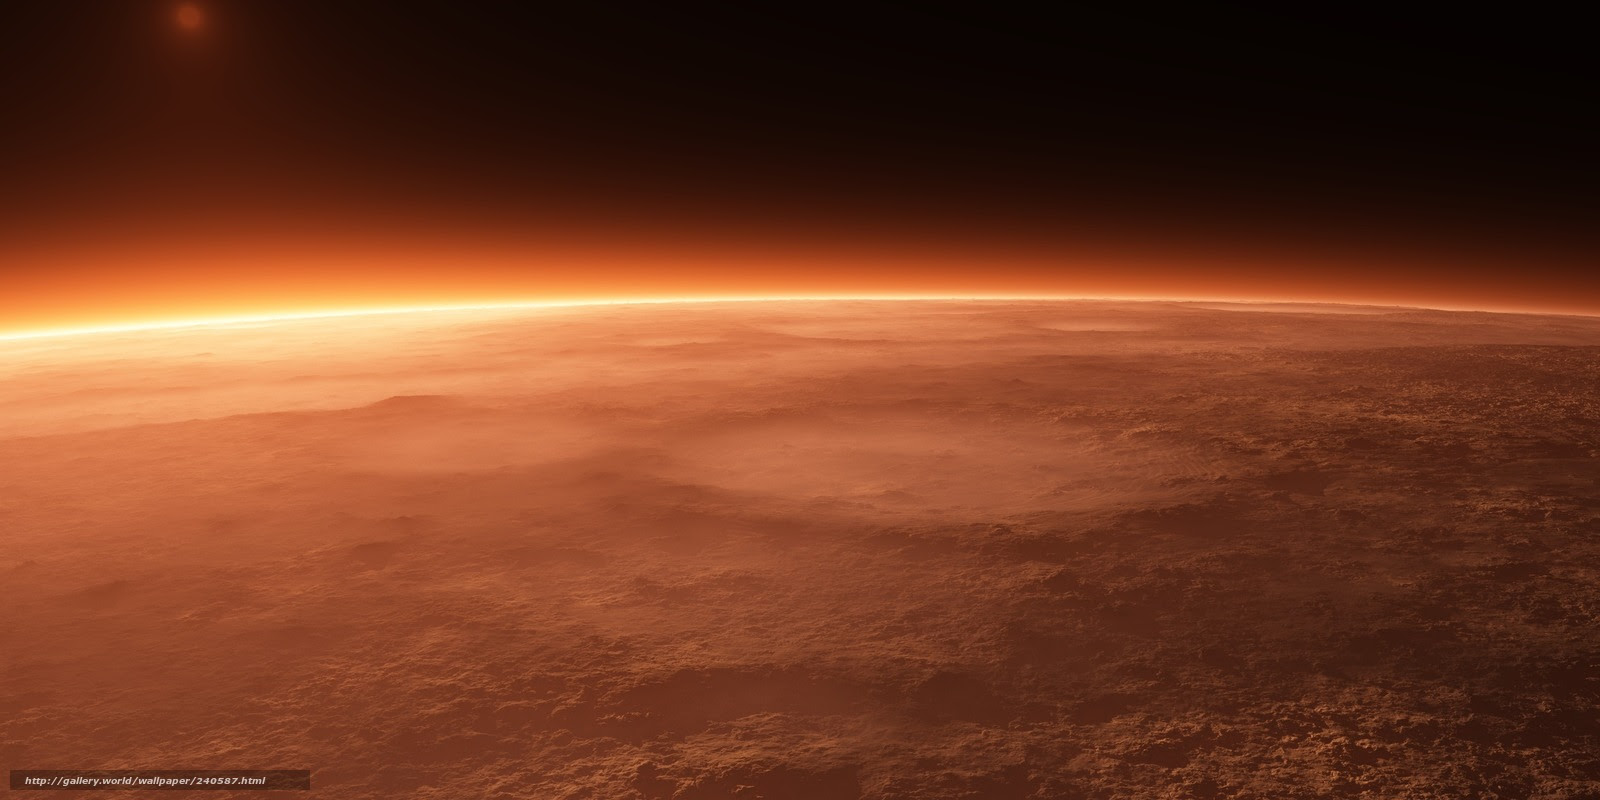 下载壁纸火星 表面 灰尘 火山口免费为您的桌面分辨率的壁纸